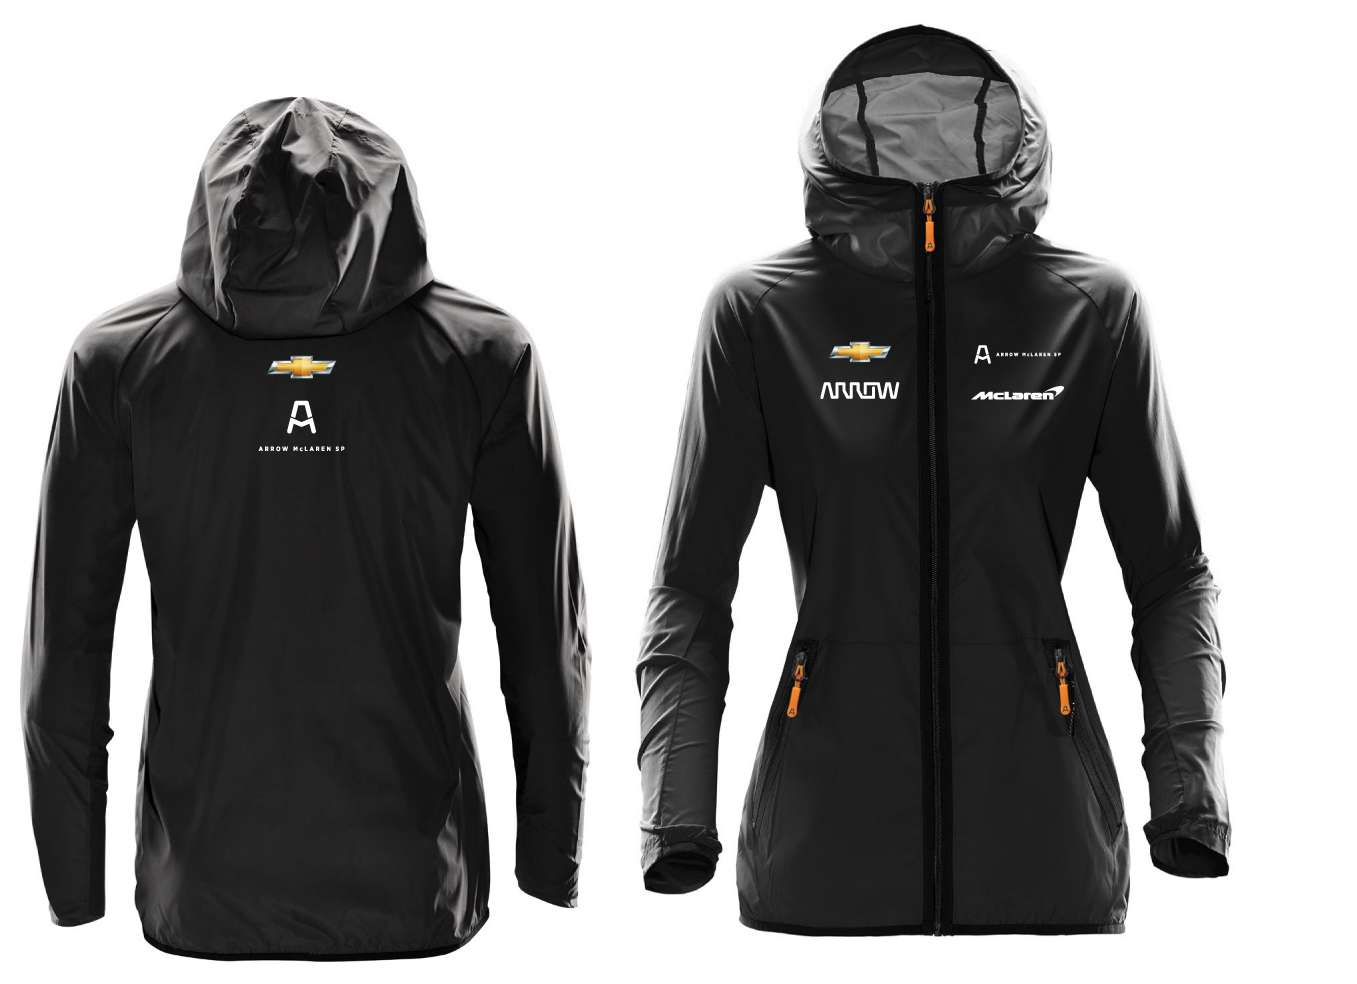 2XL Women's Official Team Rain Jacket